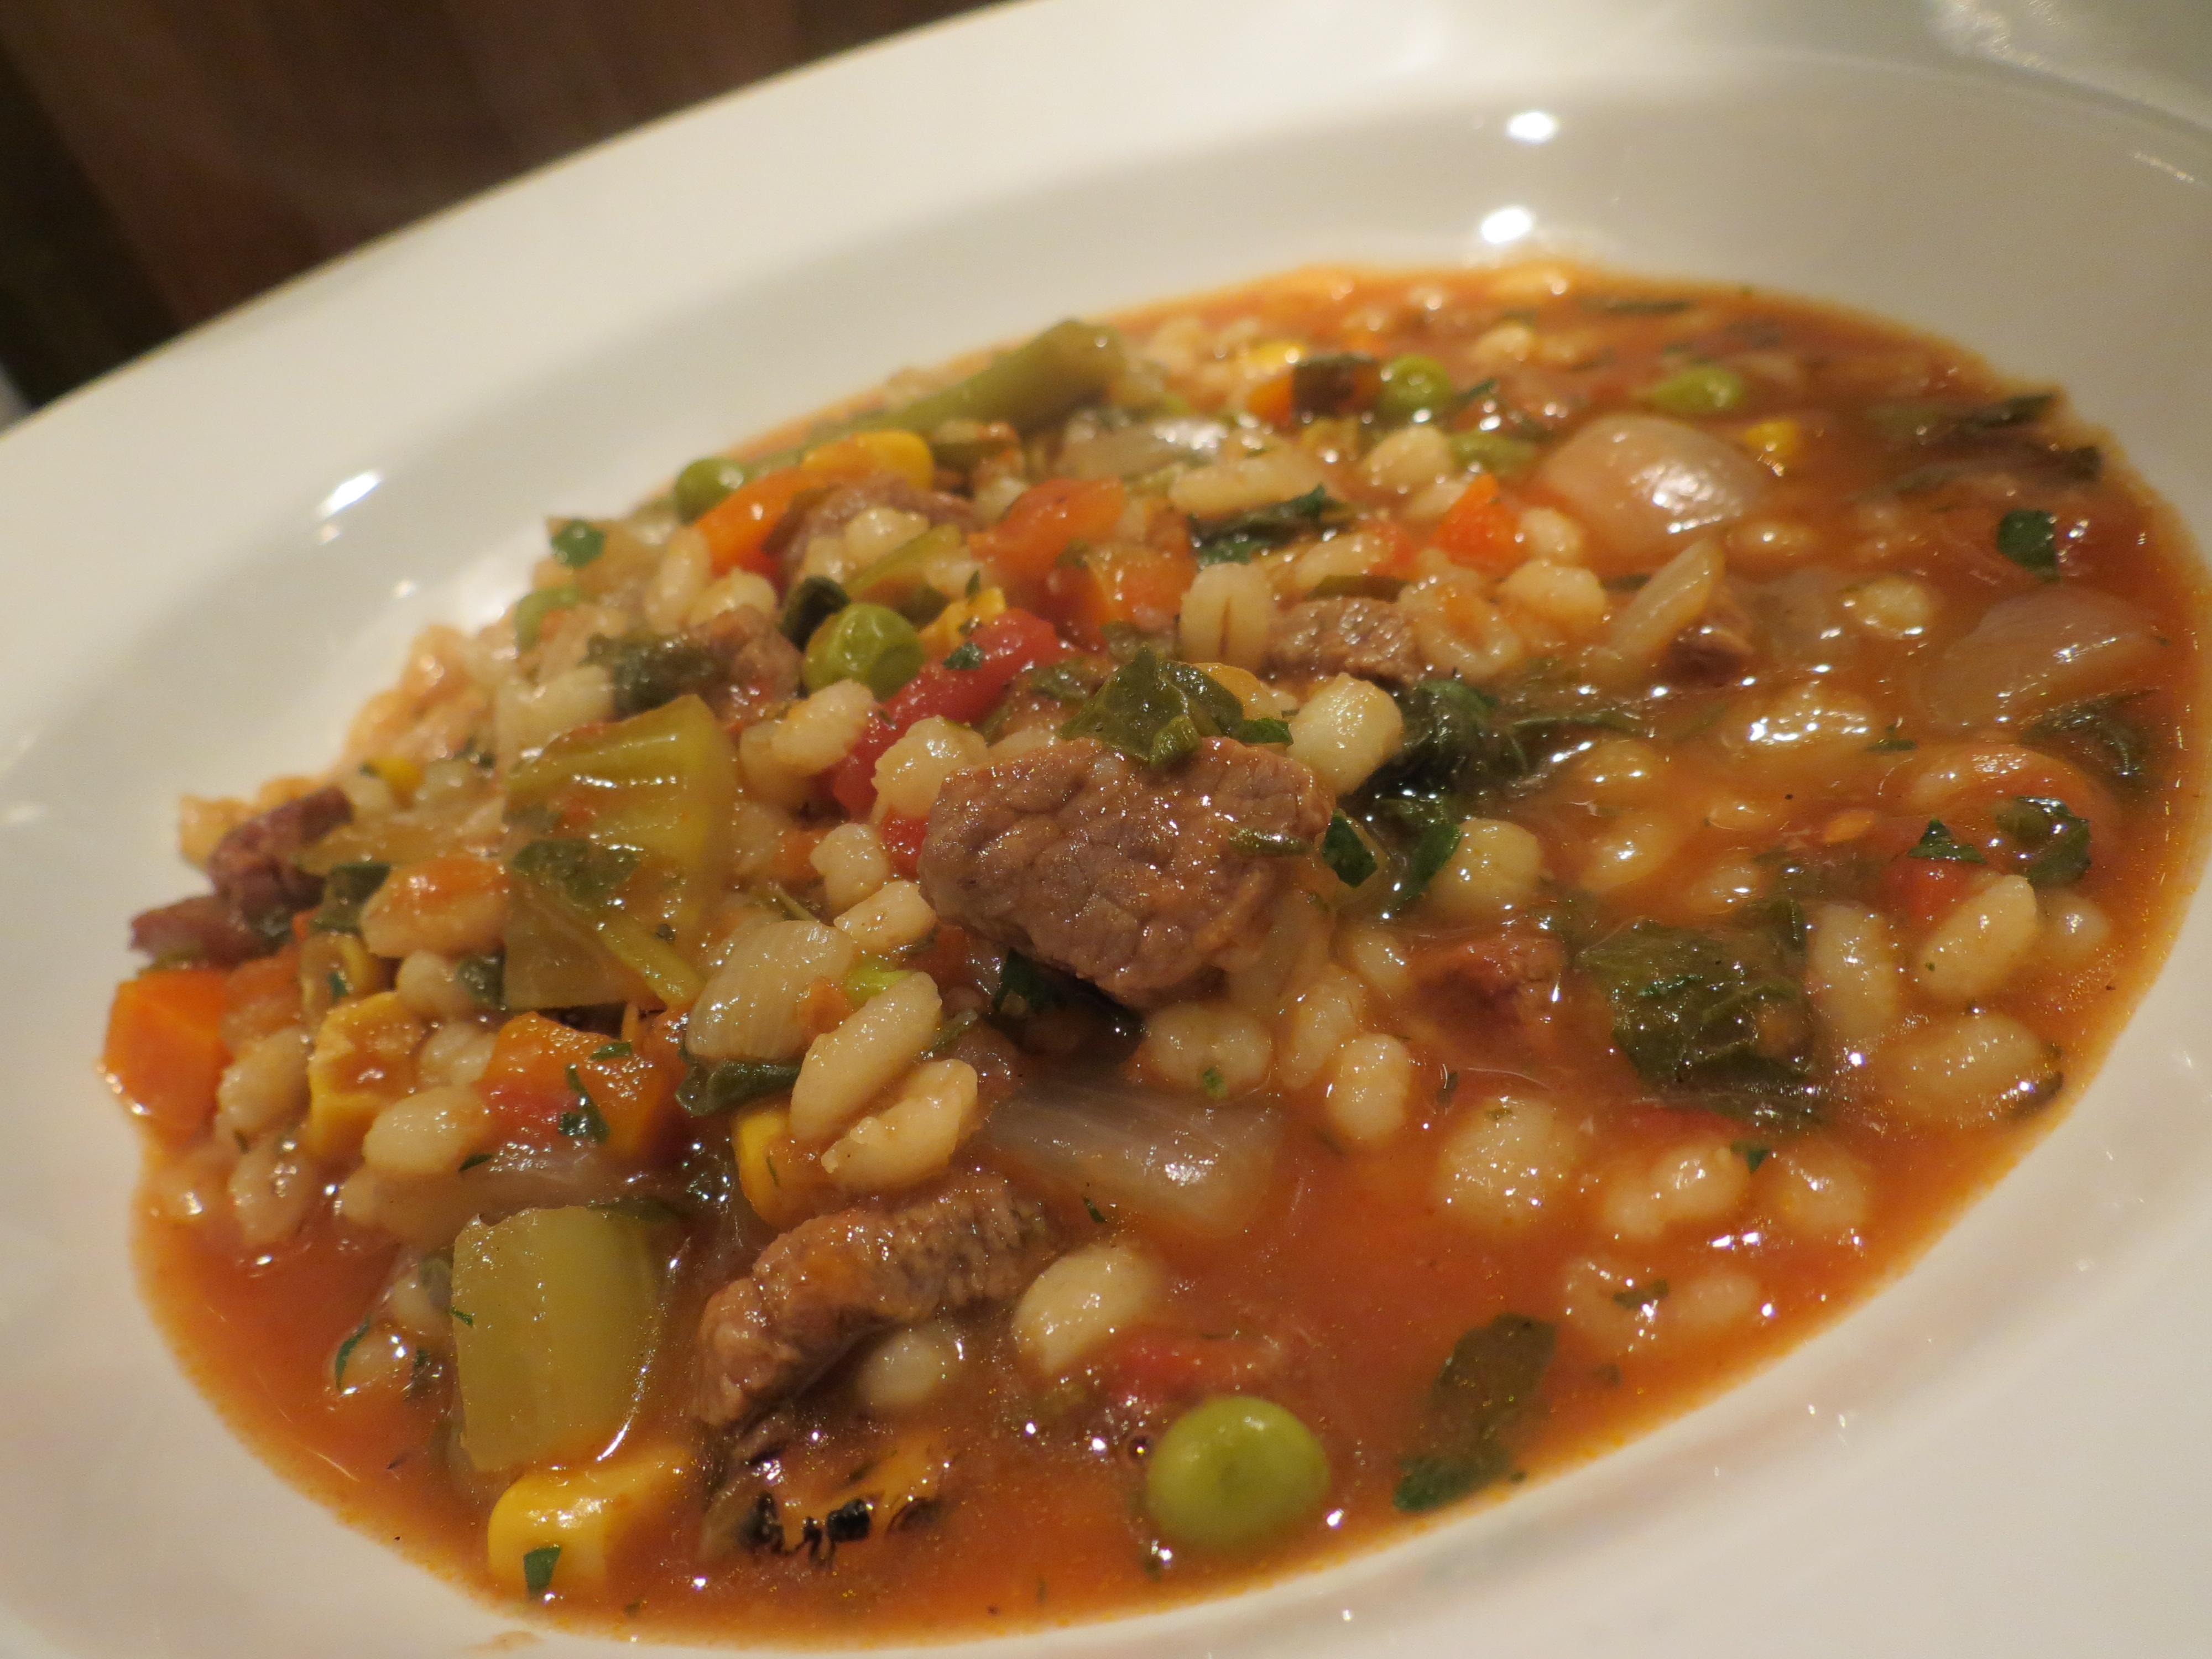 ... and barley soup soup sausage lentil soup lentil vegetable barley soup